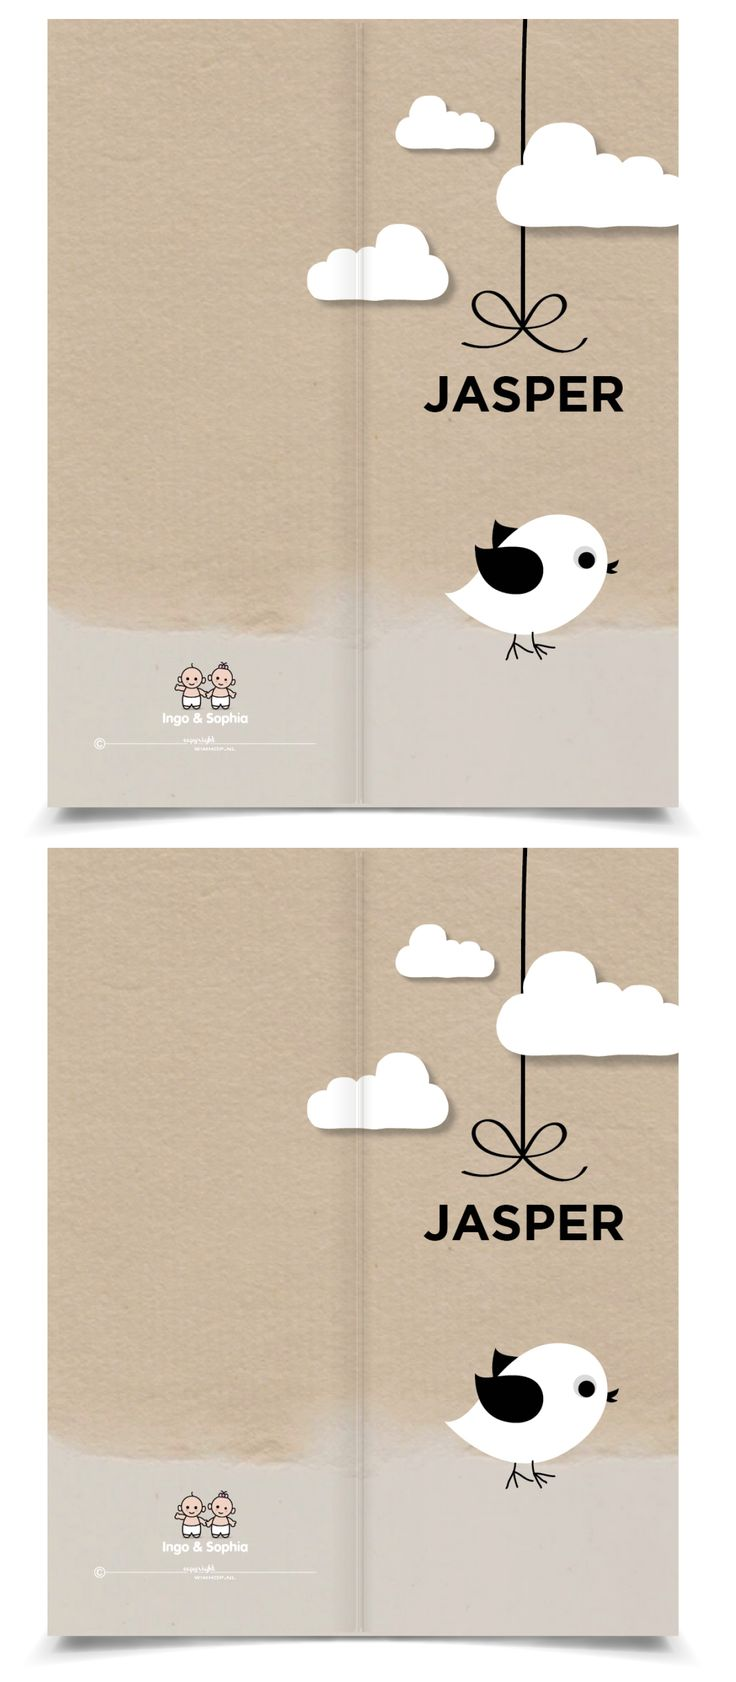 Birth Announcement Card with sweet bird and bowtie, for an boy or girl. Lief geboortekaartje met vogeltje en strikje voor jongen of meisje | JutenJul Design